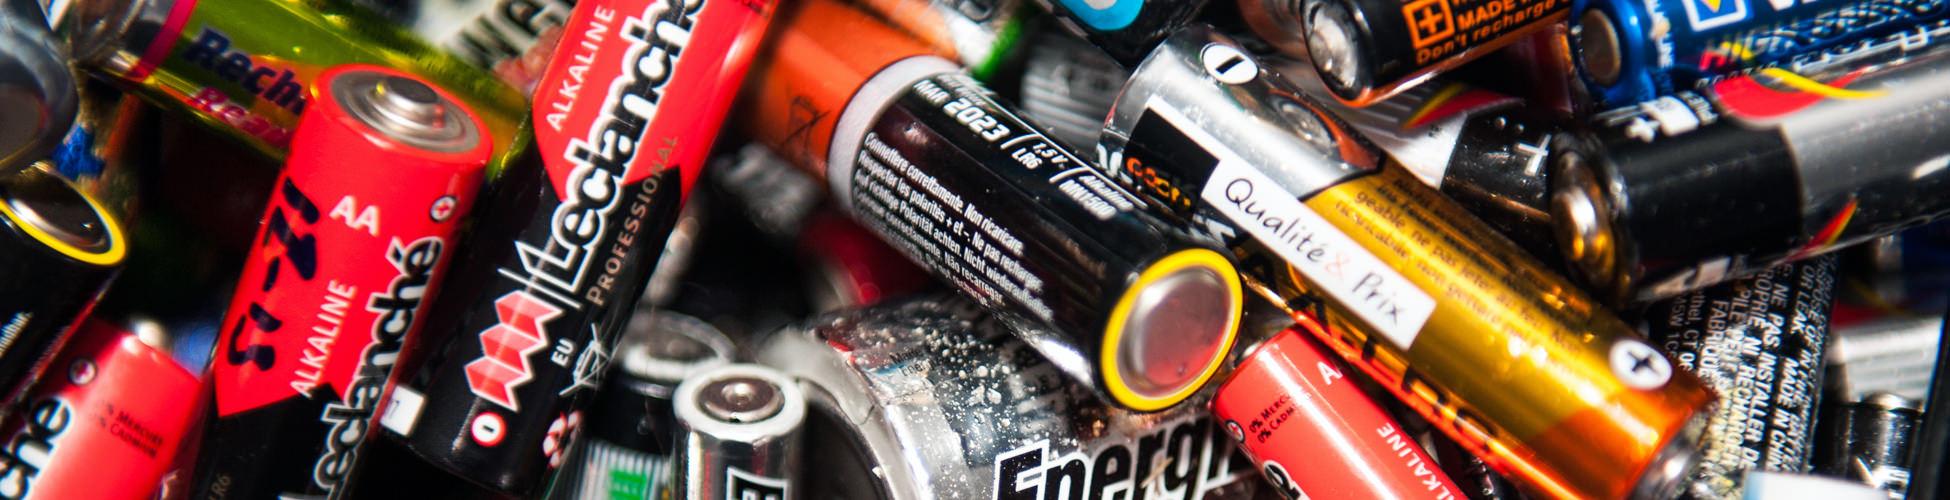 Batterien_mini